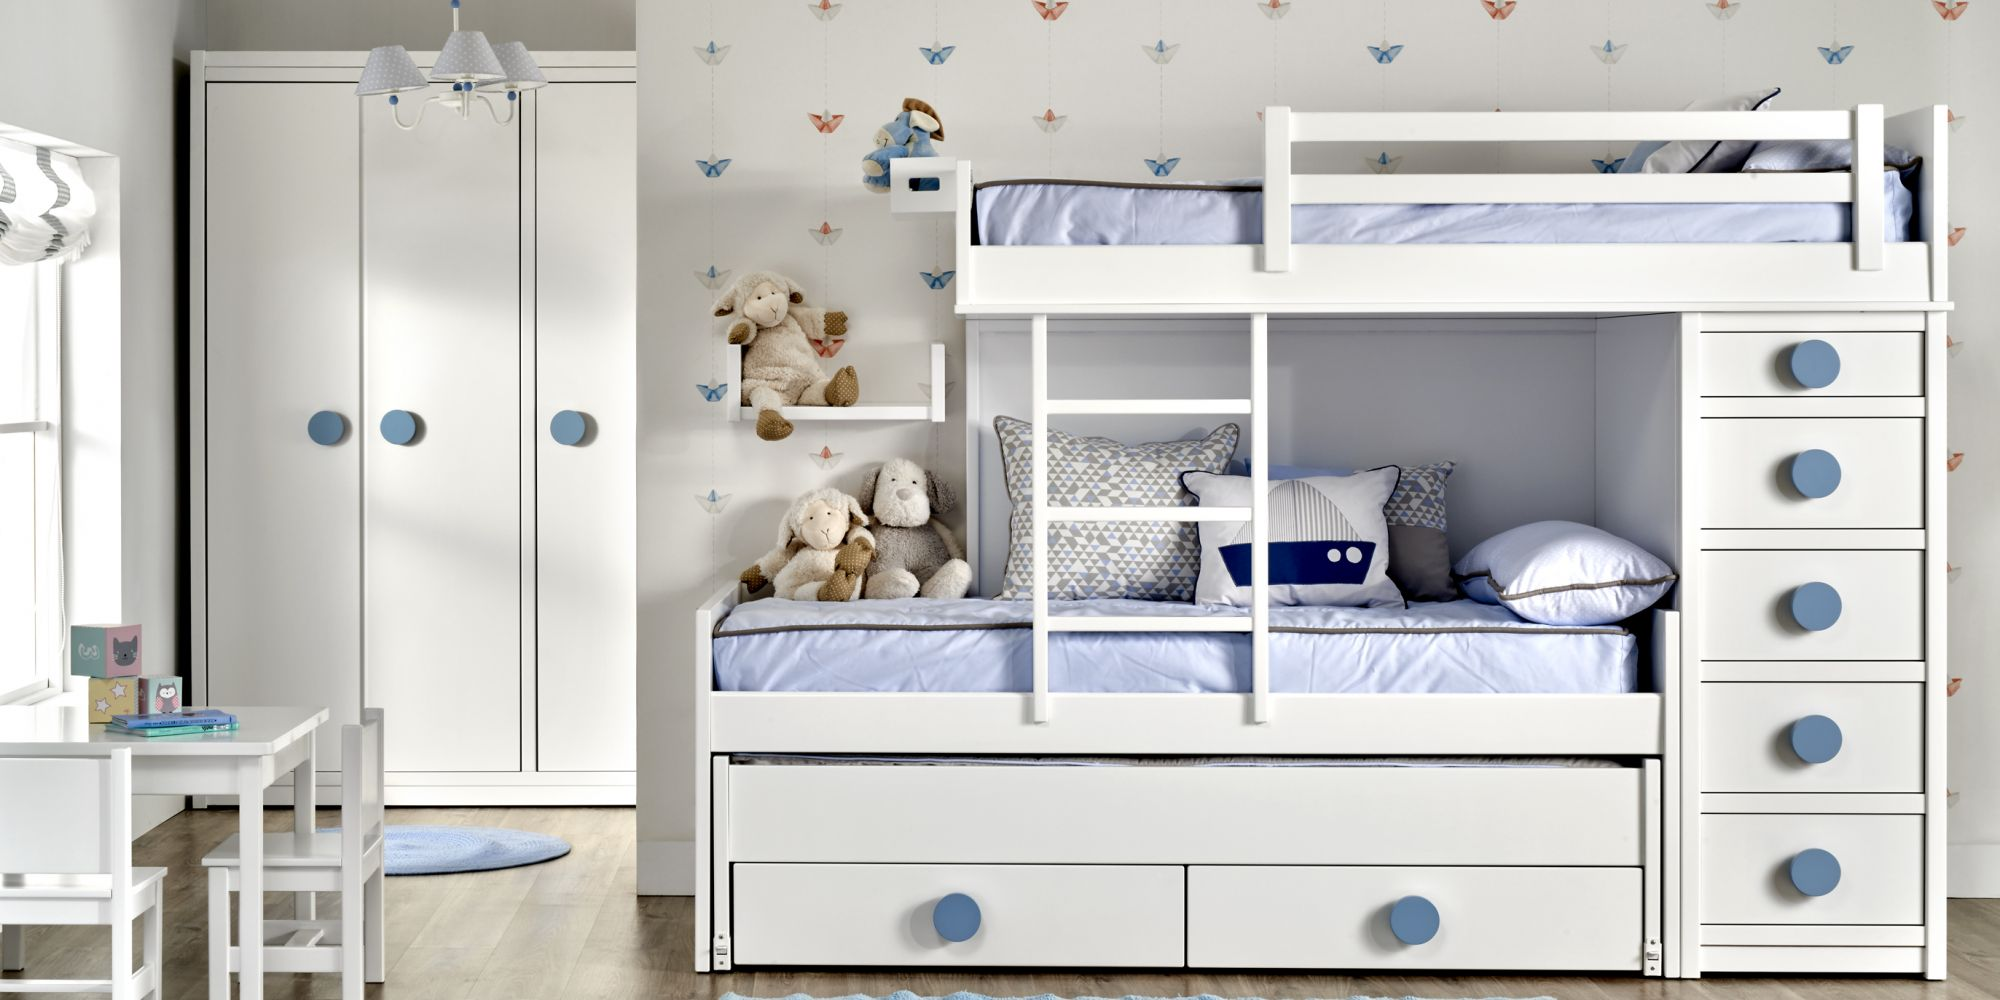 Minicompacto de 3 camas y cajones de almacenaje